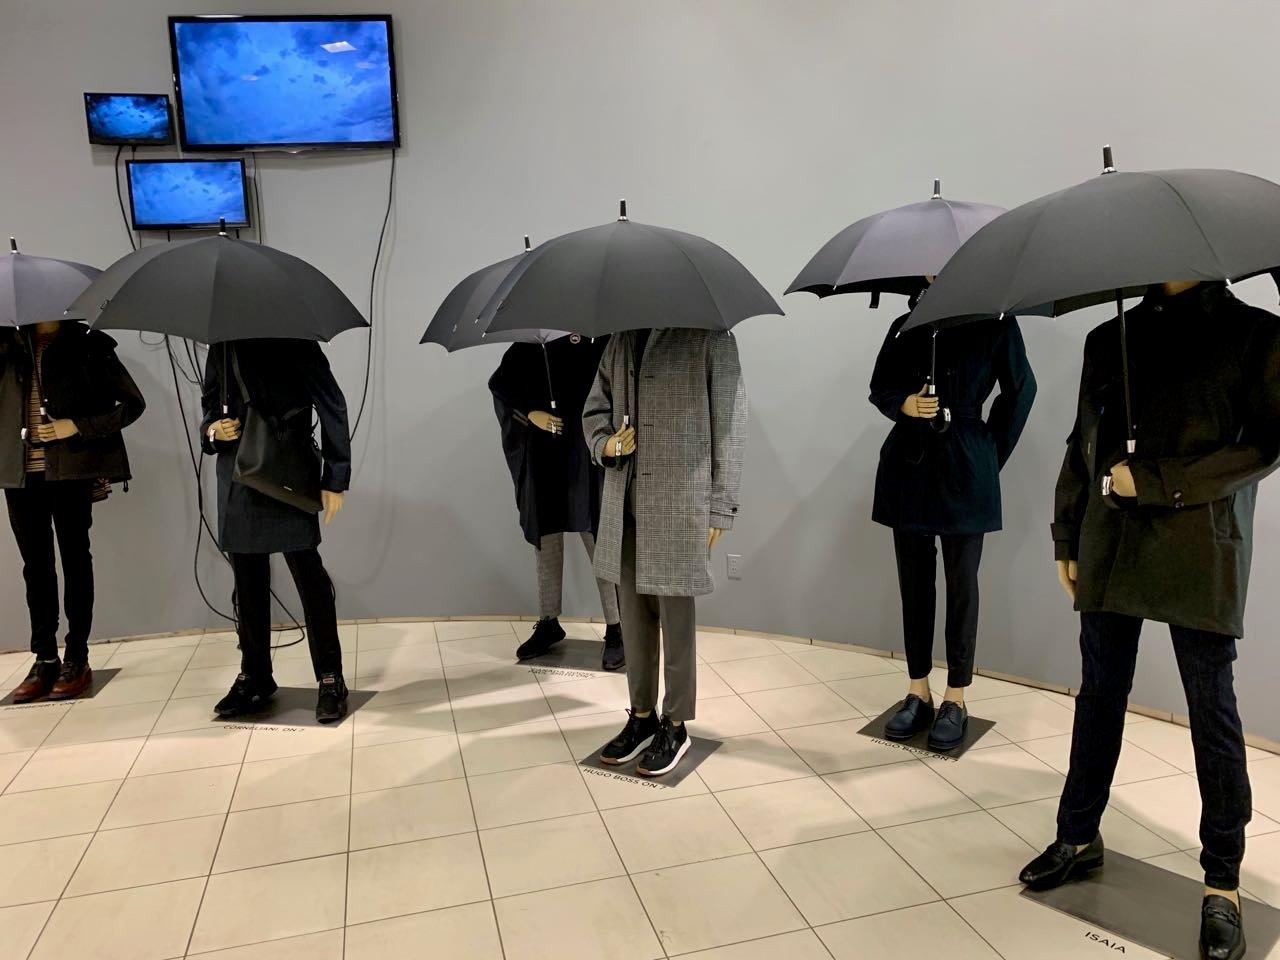 Saks umbrella raincoat display